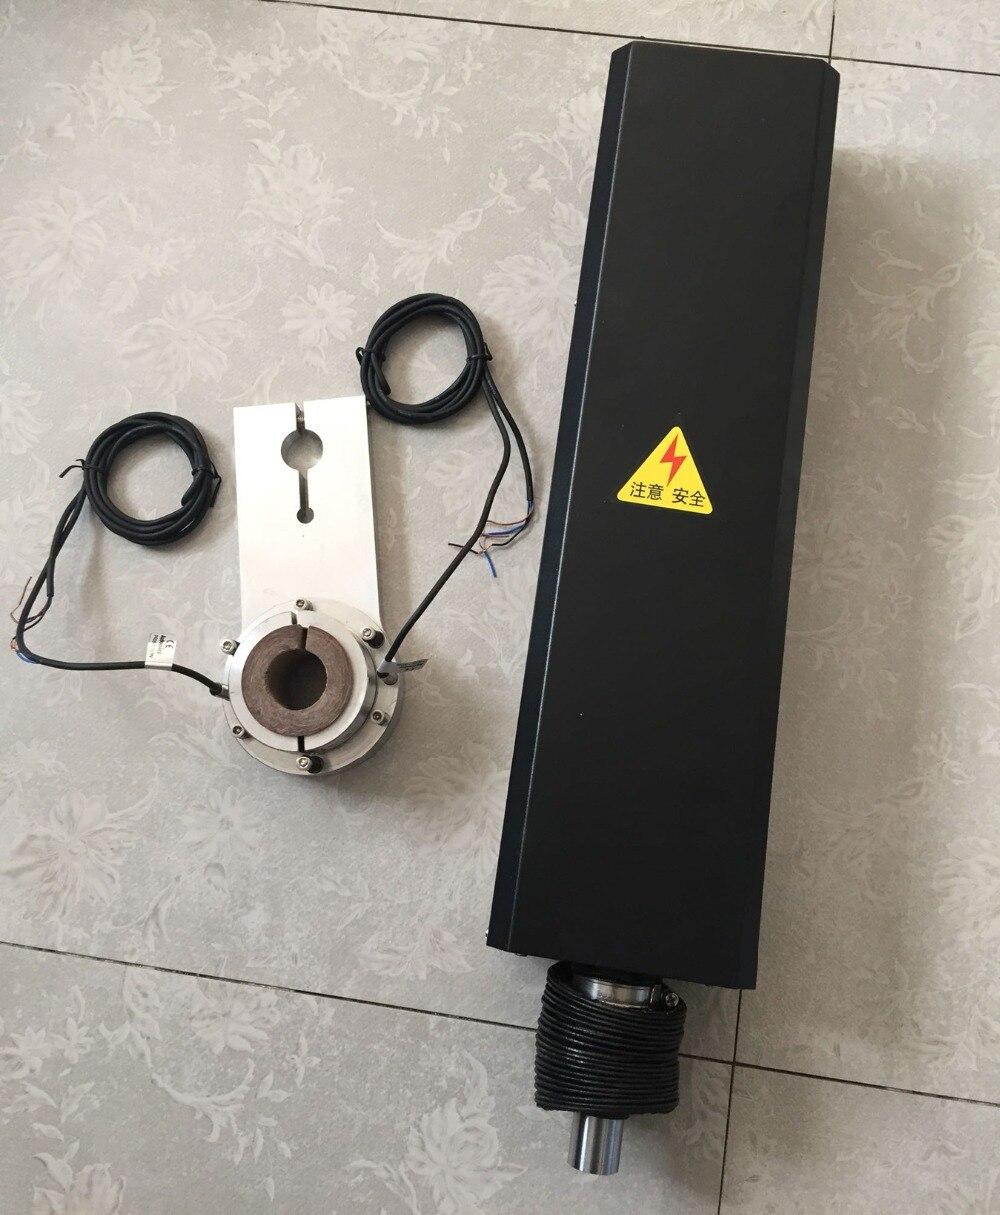 24VDC 200mm Voyage 2150 mm/min CNC De Découpe Plasma Élévateur axe Z + Anti-Collision Pince + 2 pièces Détecteurs de Proximité